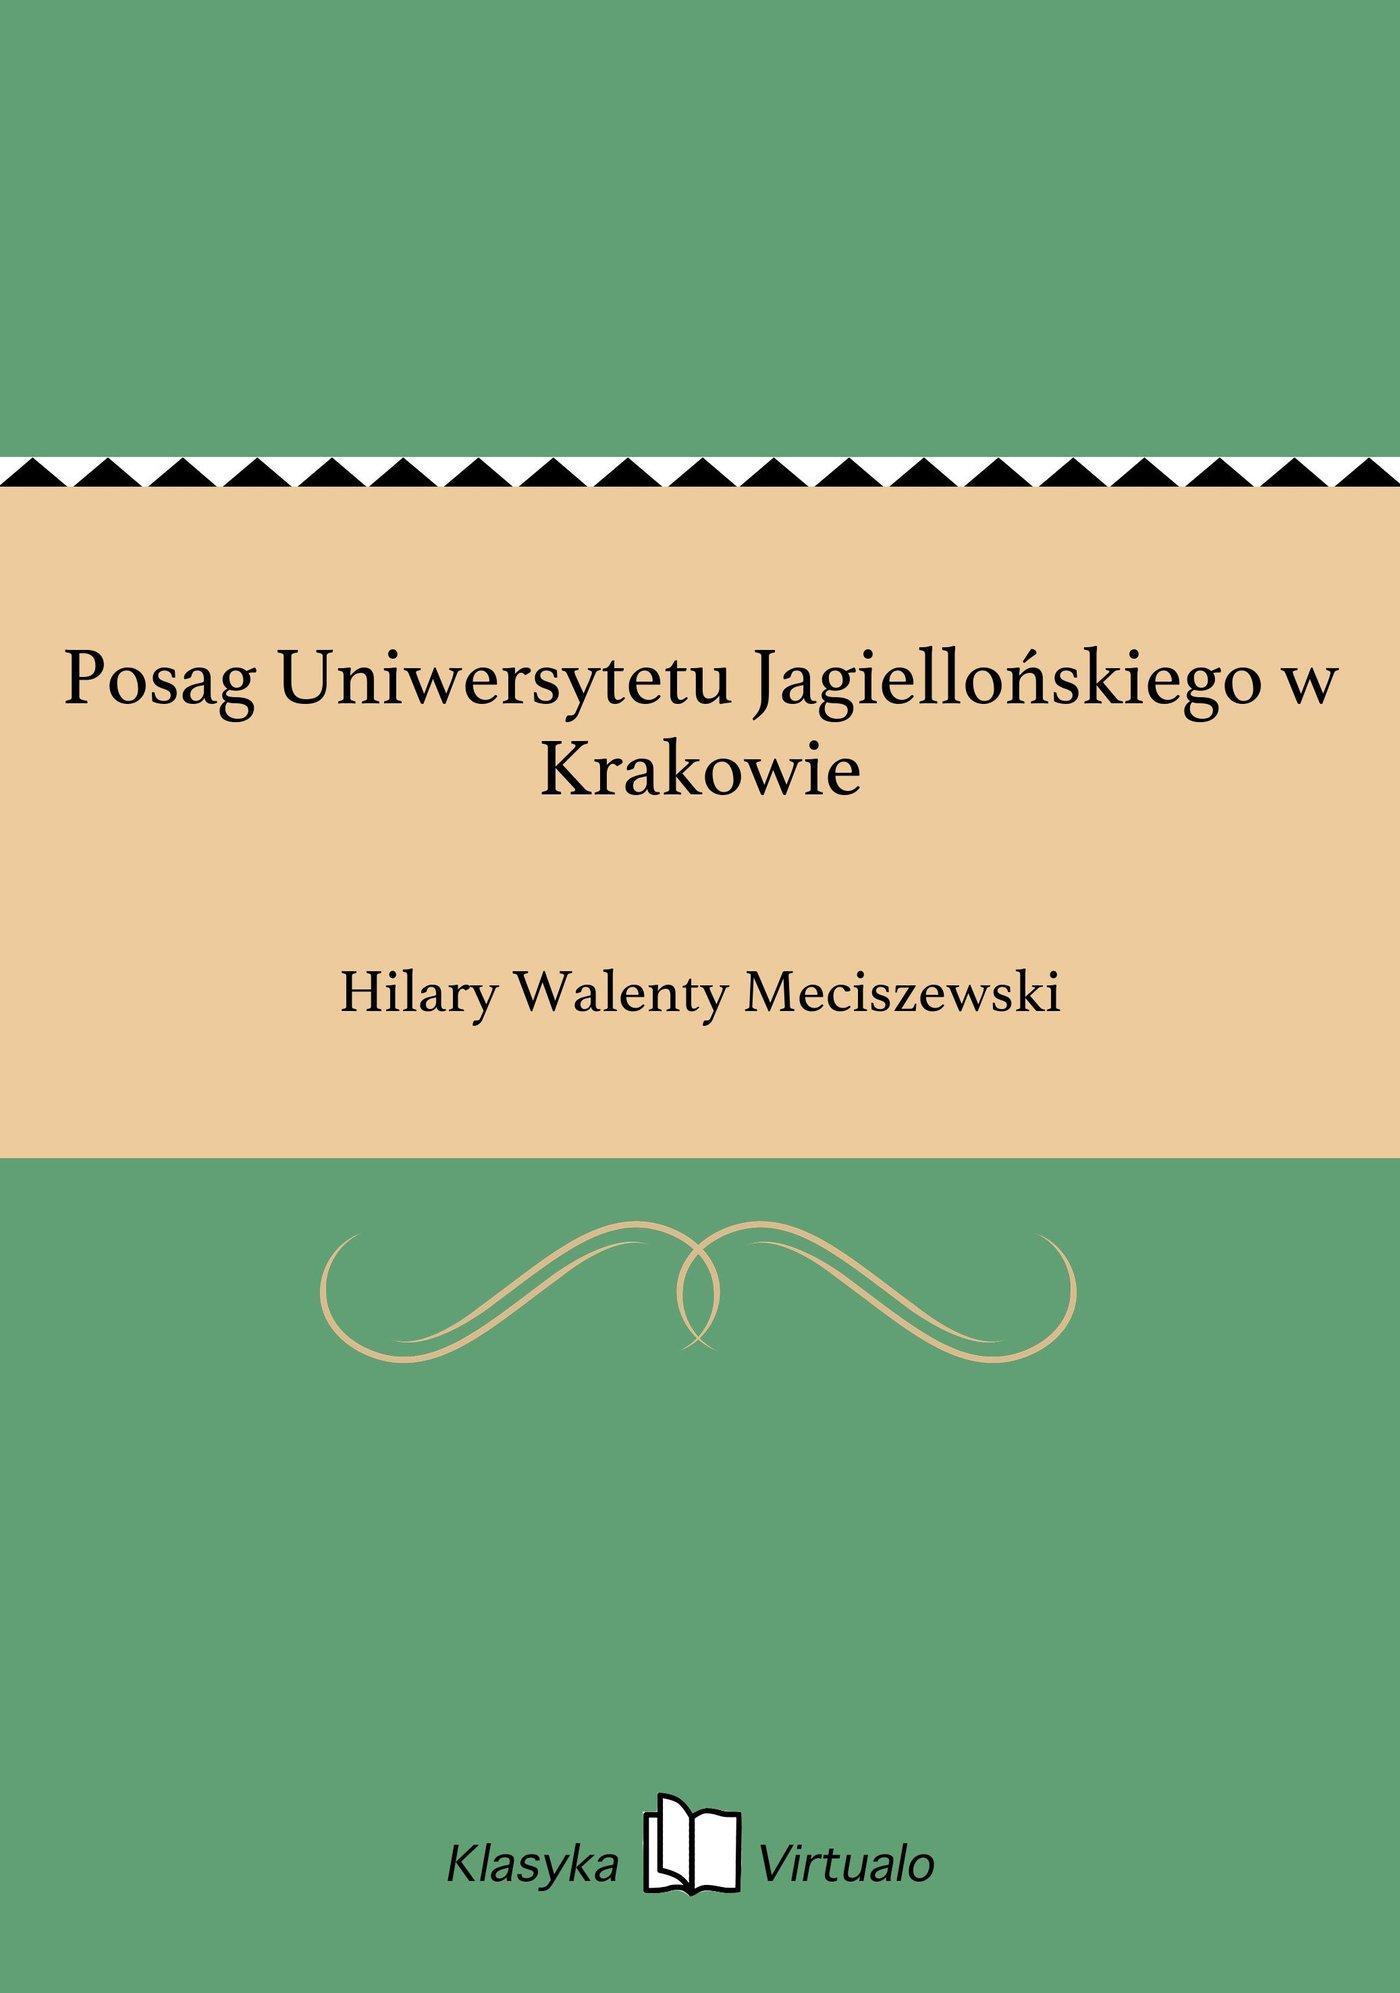 Posag Uniwersytetu Jagiellońskiego w Krakowie - Ebook (Książka EPUB) do pobrania w formacie EPUB